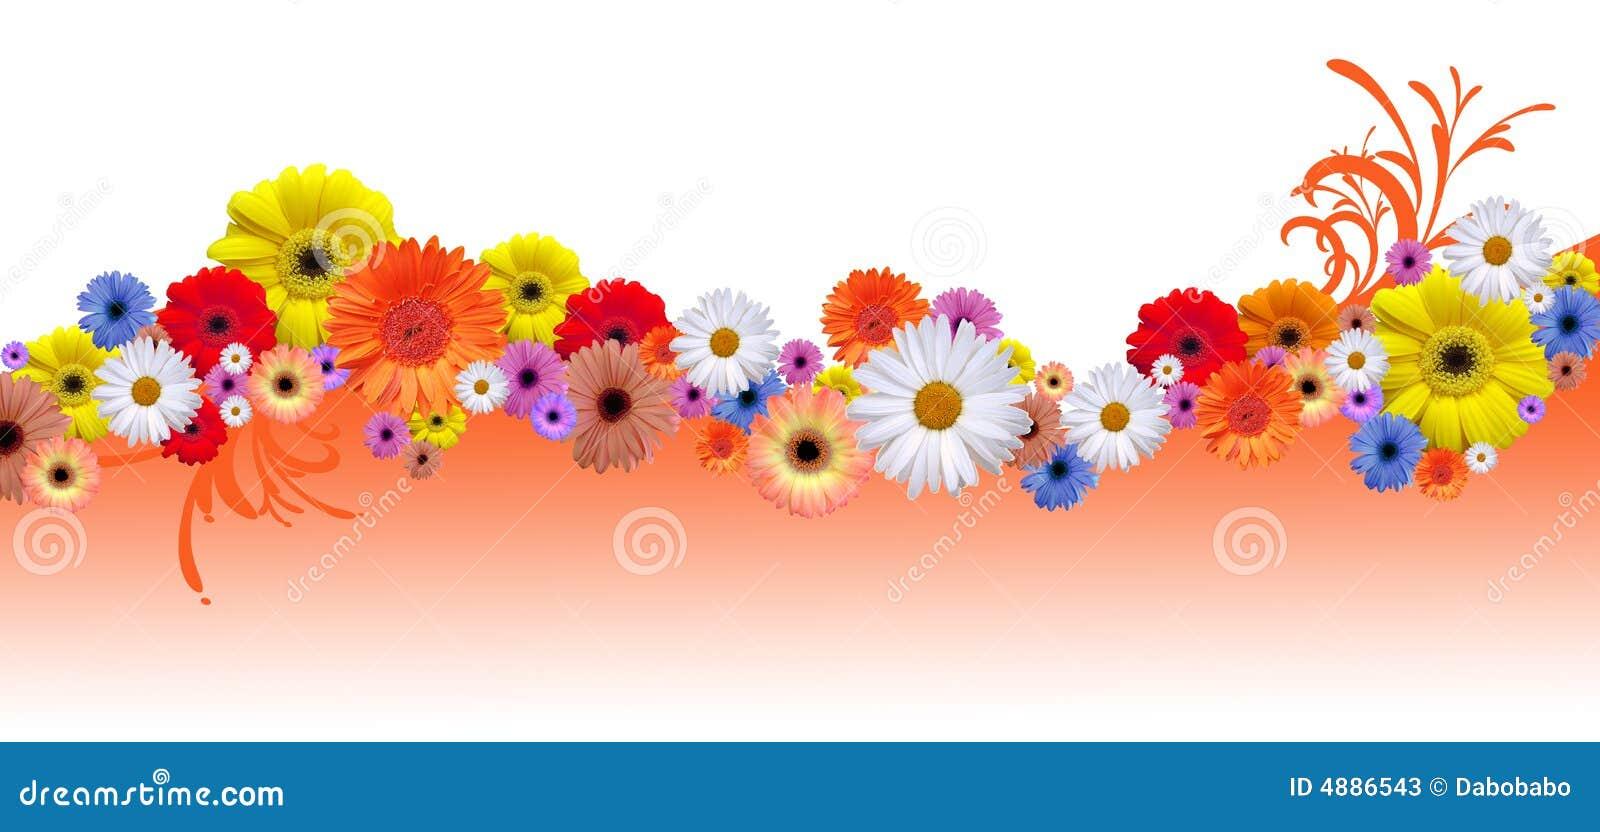 Ligne de fleur photos stock image 4886543 for Ligne de fleurs